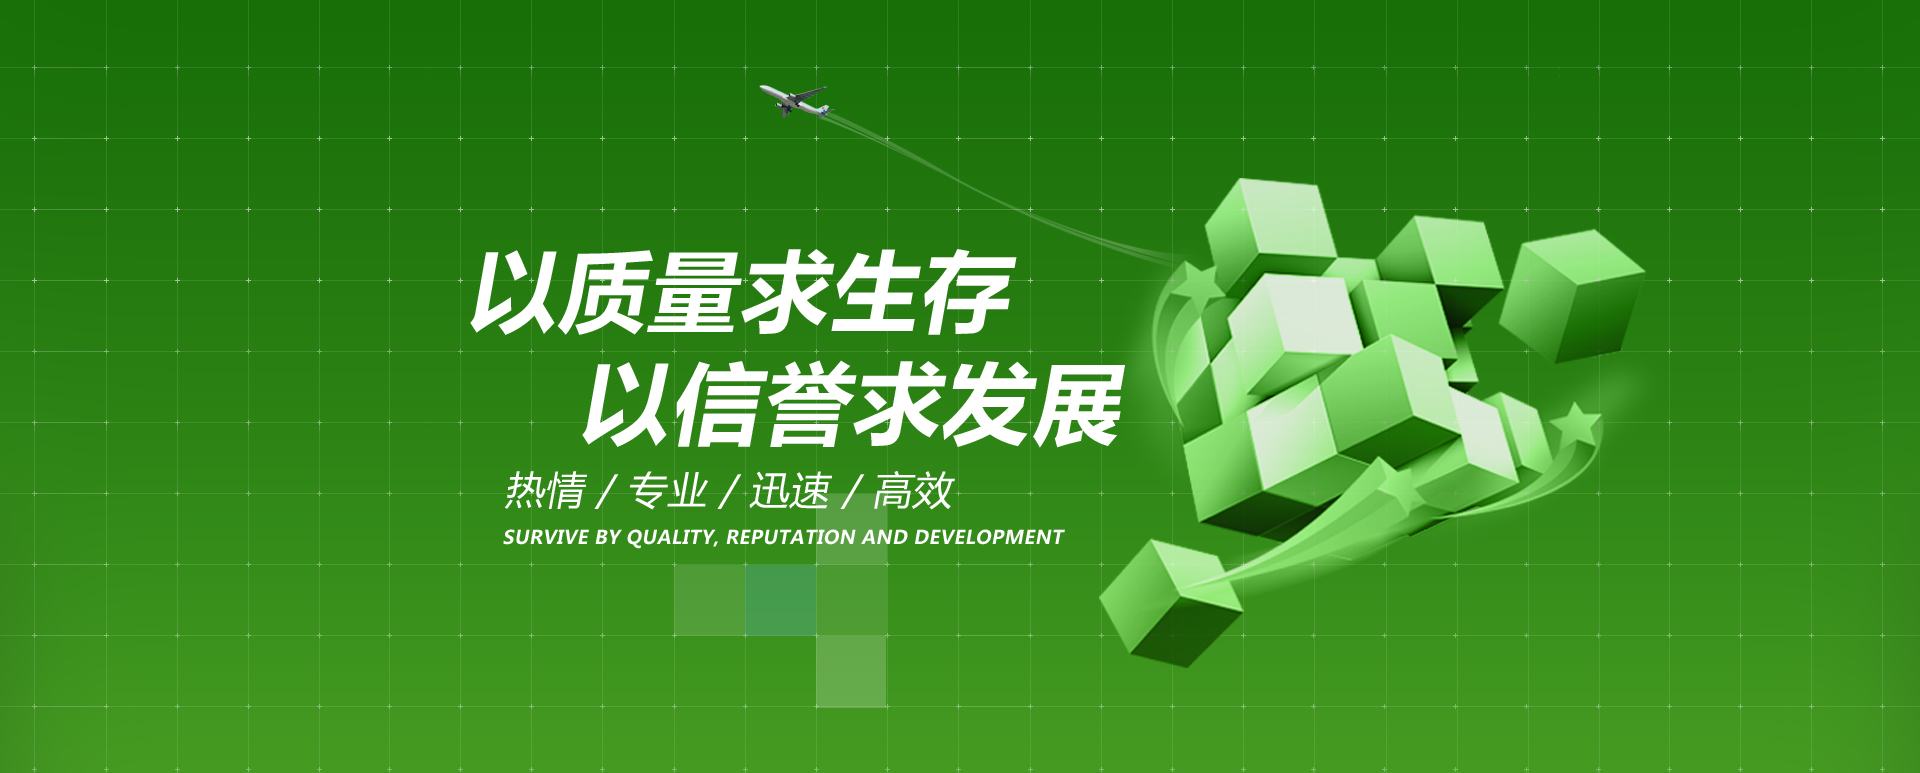 亚虎手机版官方亚虎国际老虎机APP